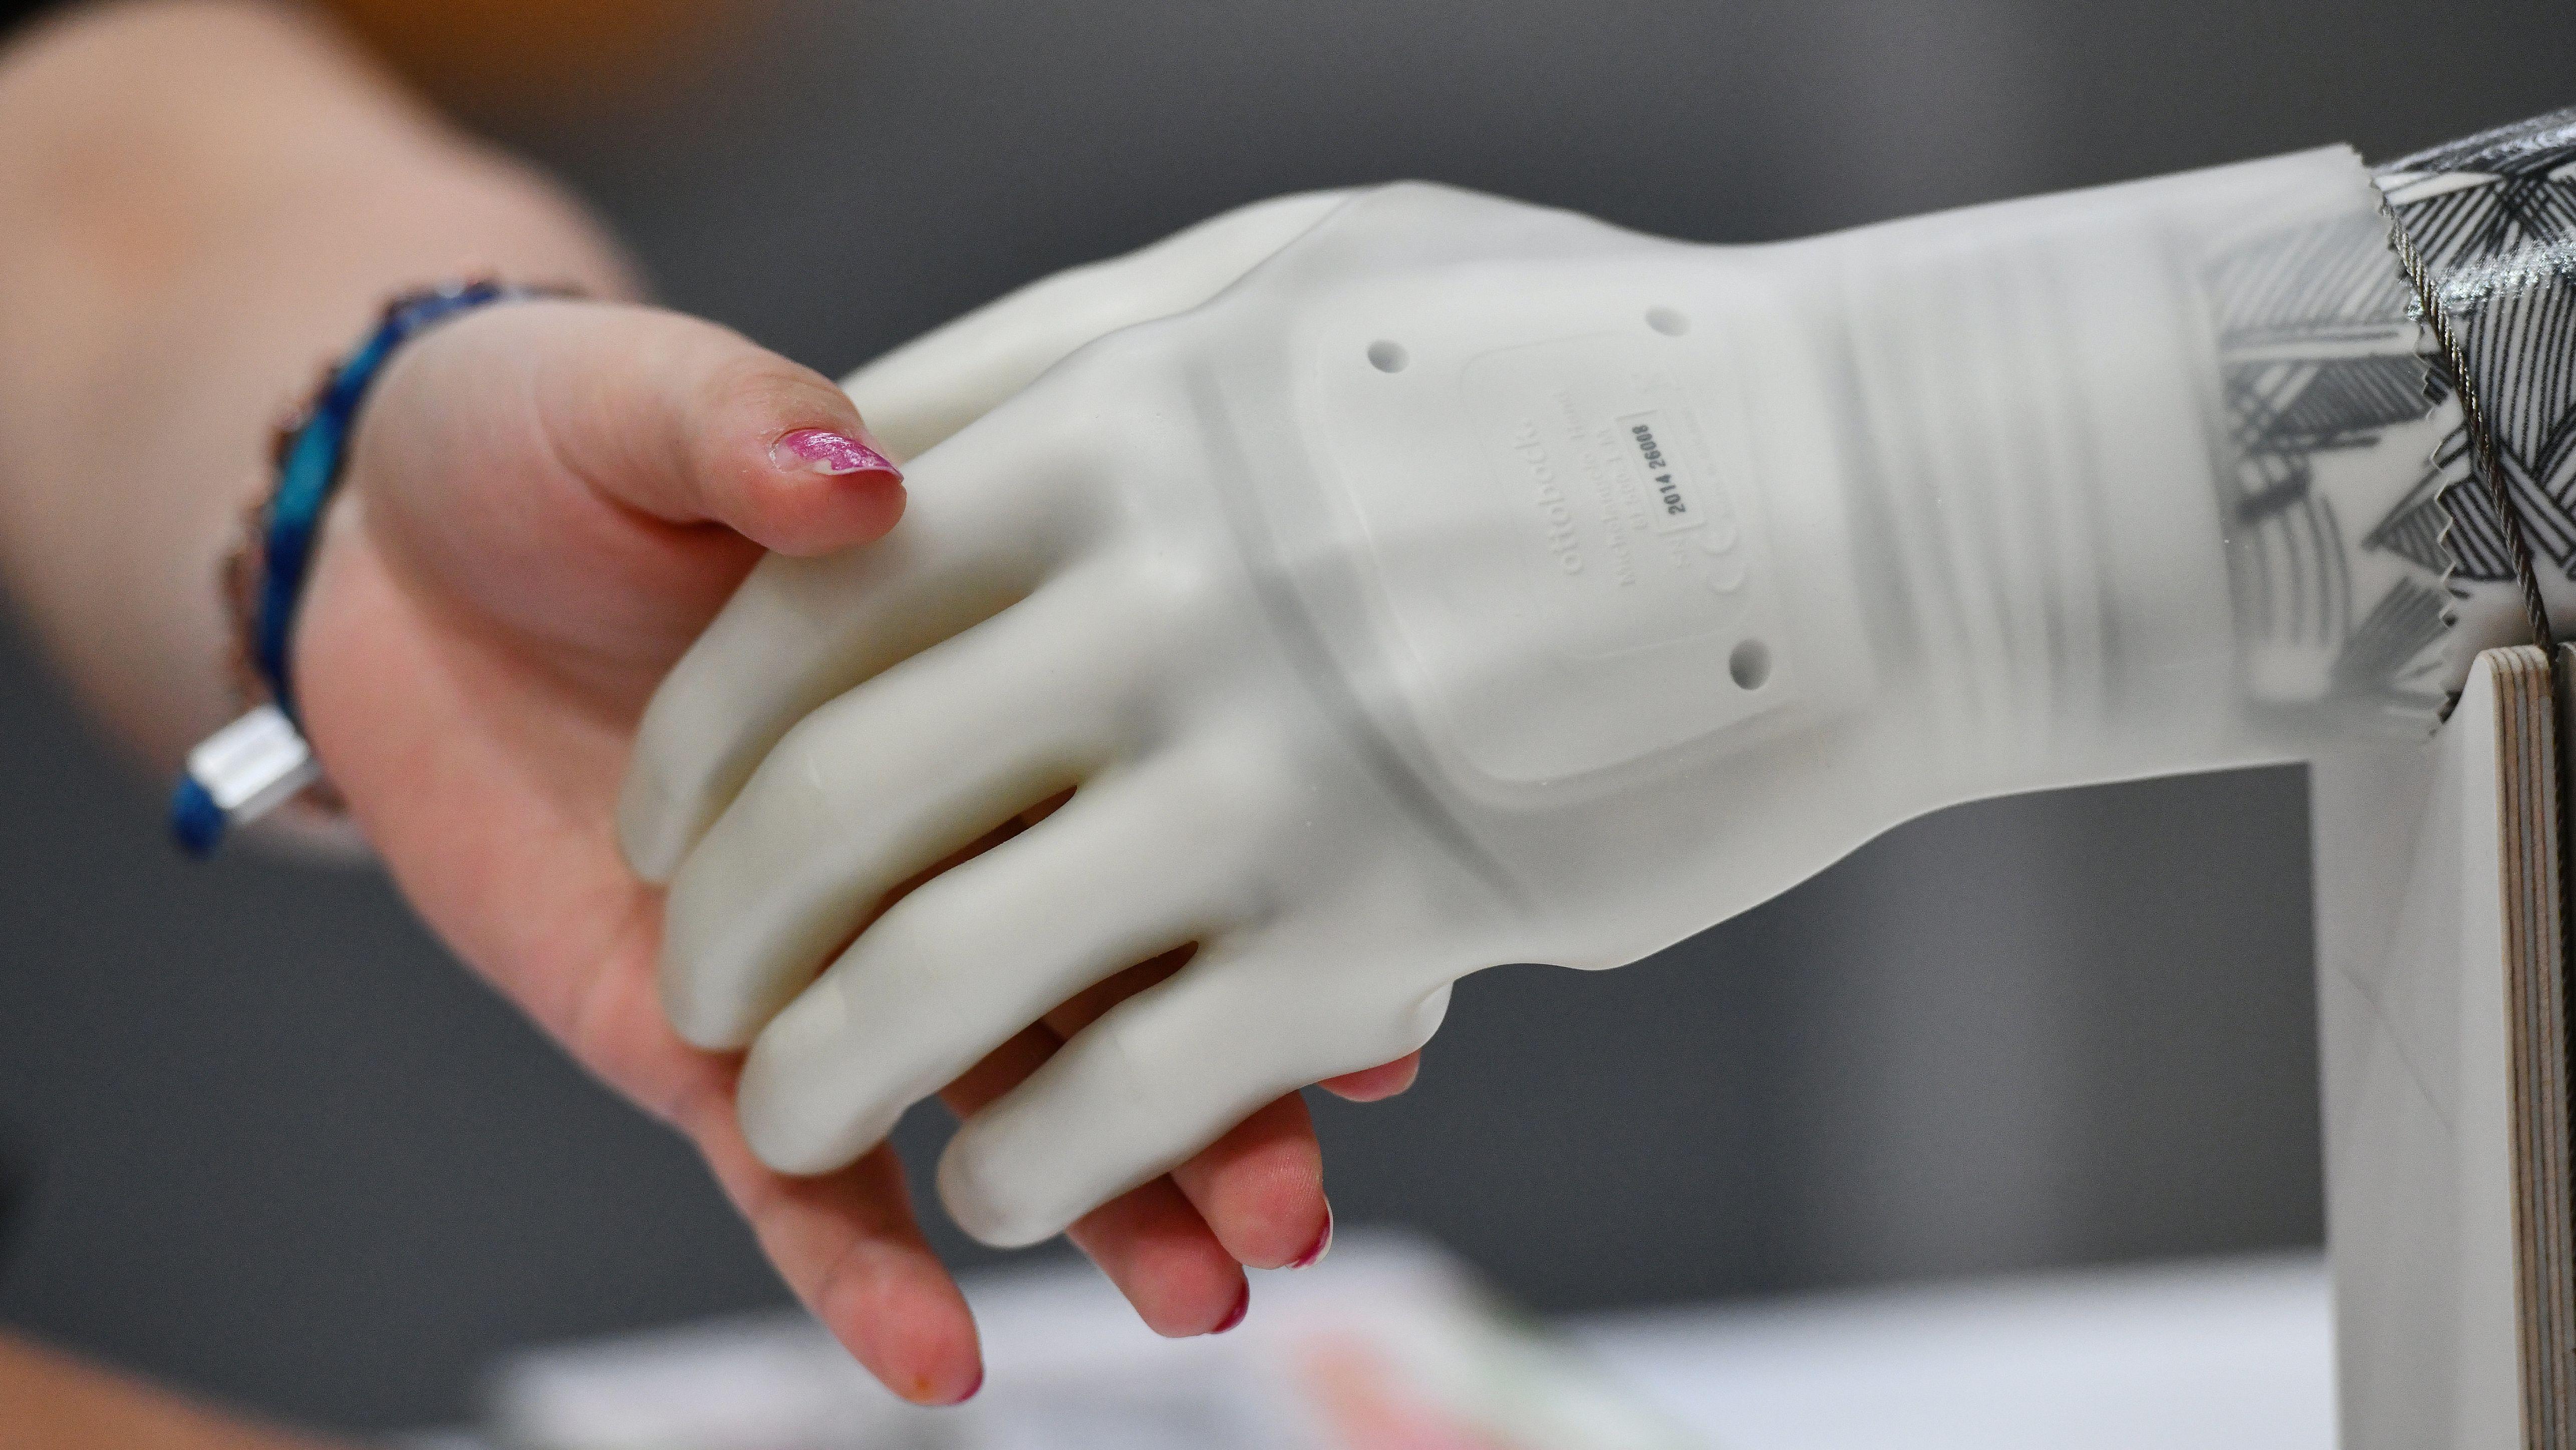 Eine Hand greift nach der künstlichen Hand eines Roboters